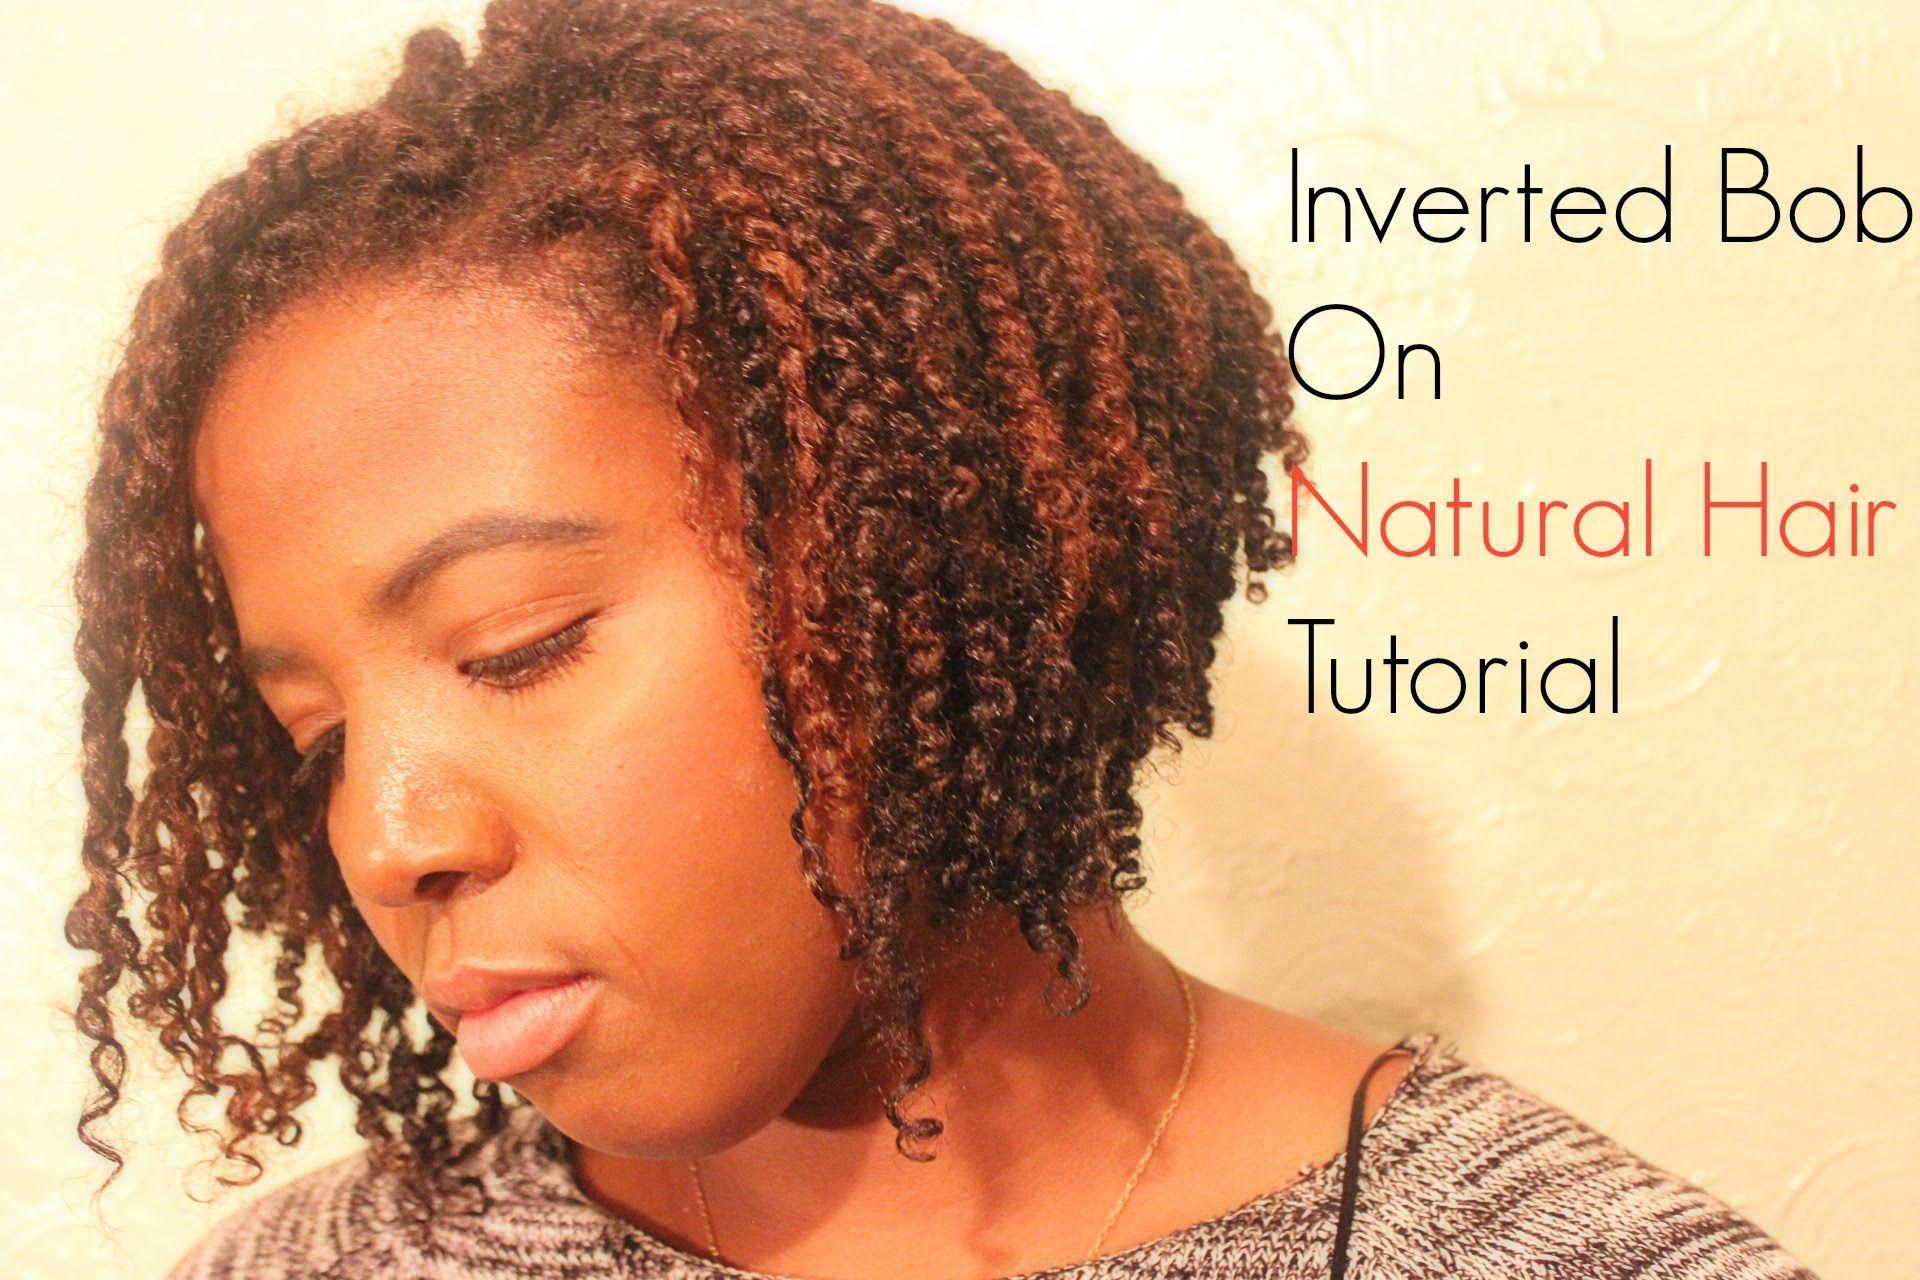 Frisuren für kurze natürlich lockiges Haar  Pinterest  Natural